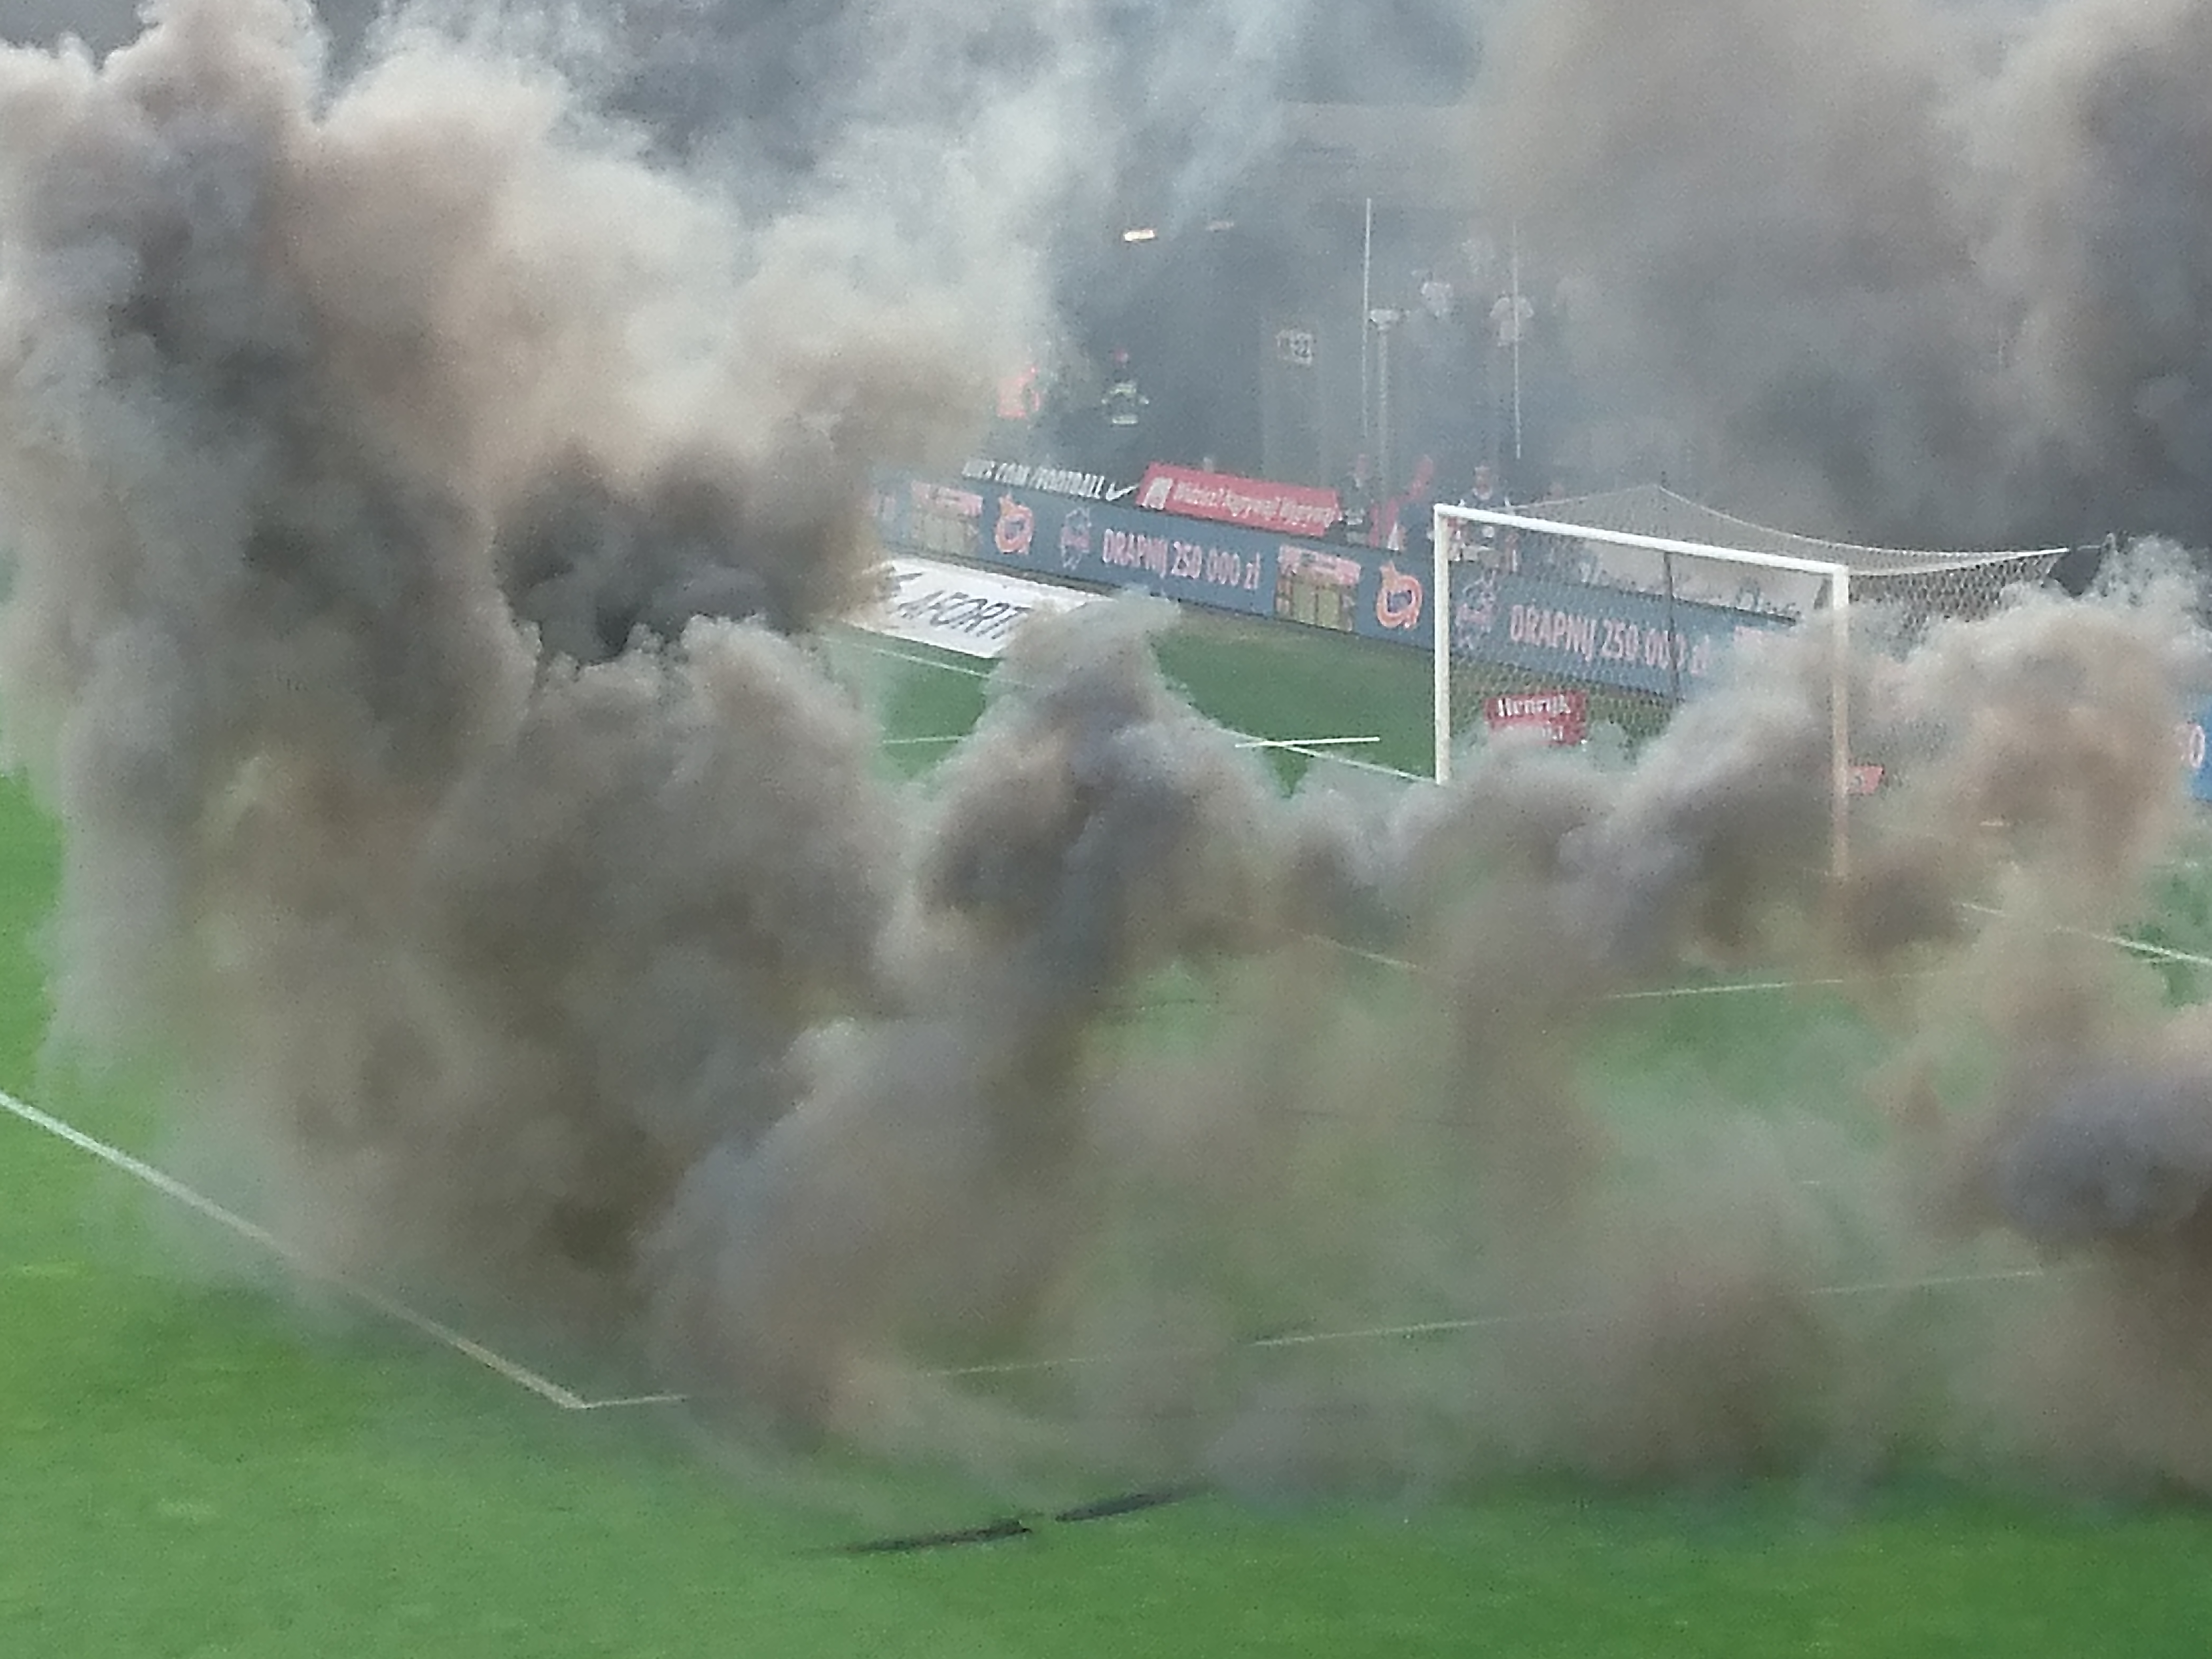 Kibice Lecha Poznań odpowiedzieli nawieloletnie kpiny zestrony władz klubu